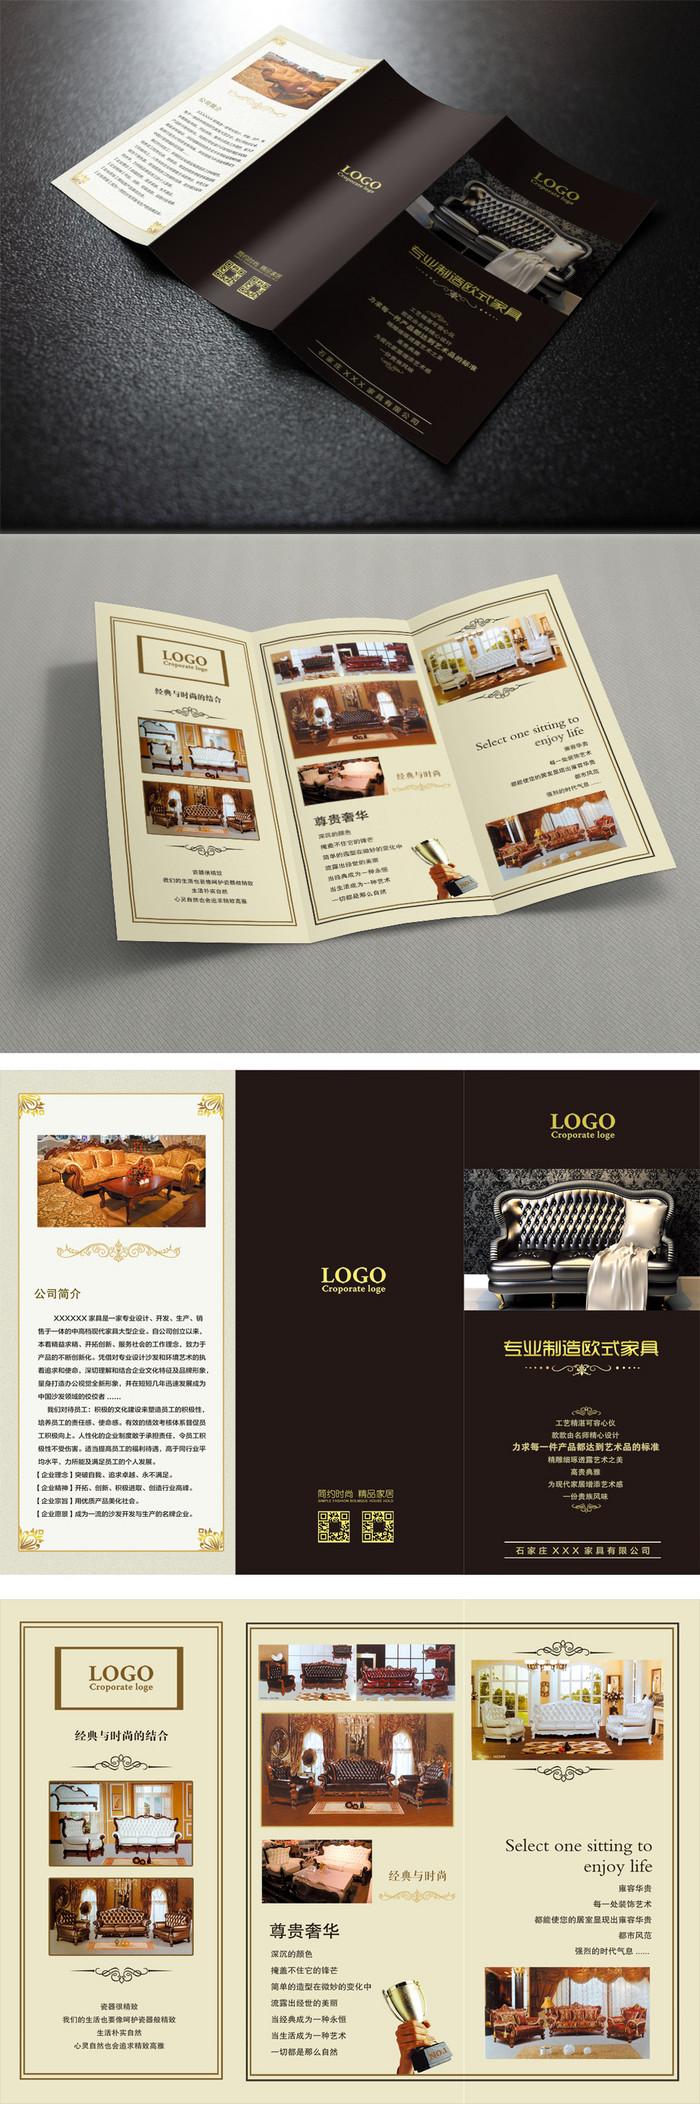 搜图中国提供独家原创简约欧式品牌家具三折页 下载,此素材图片已被